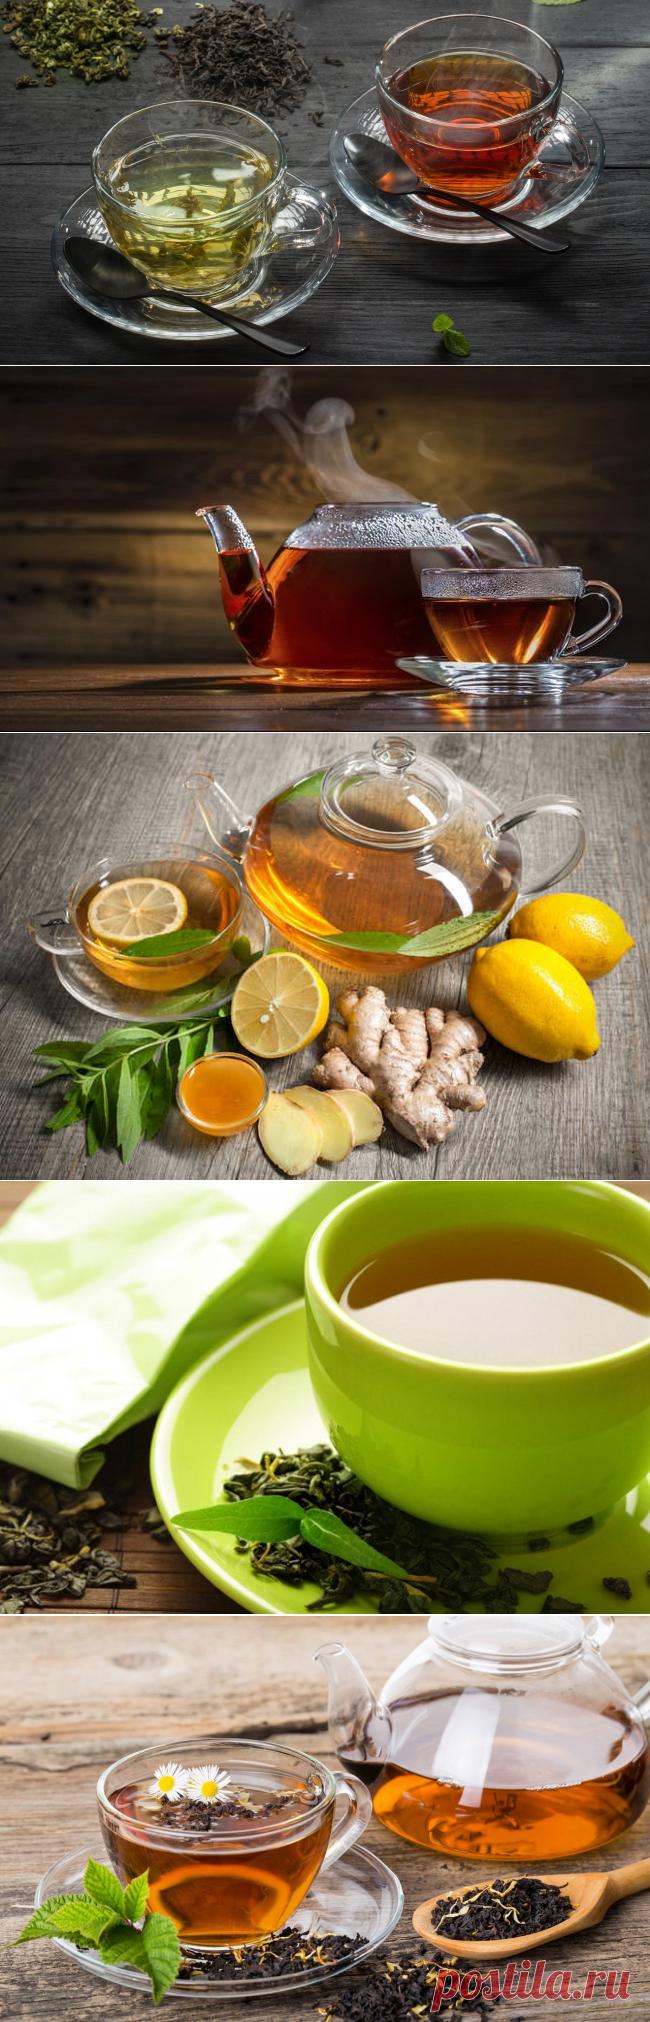 Зеленый чай против черного чая. Какой полезнее?